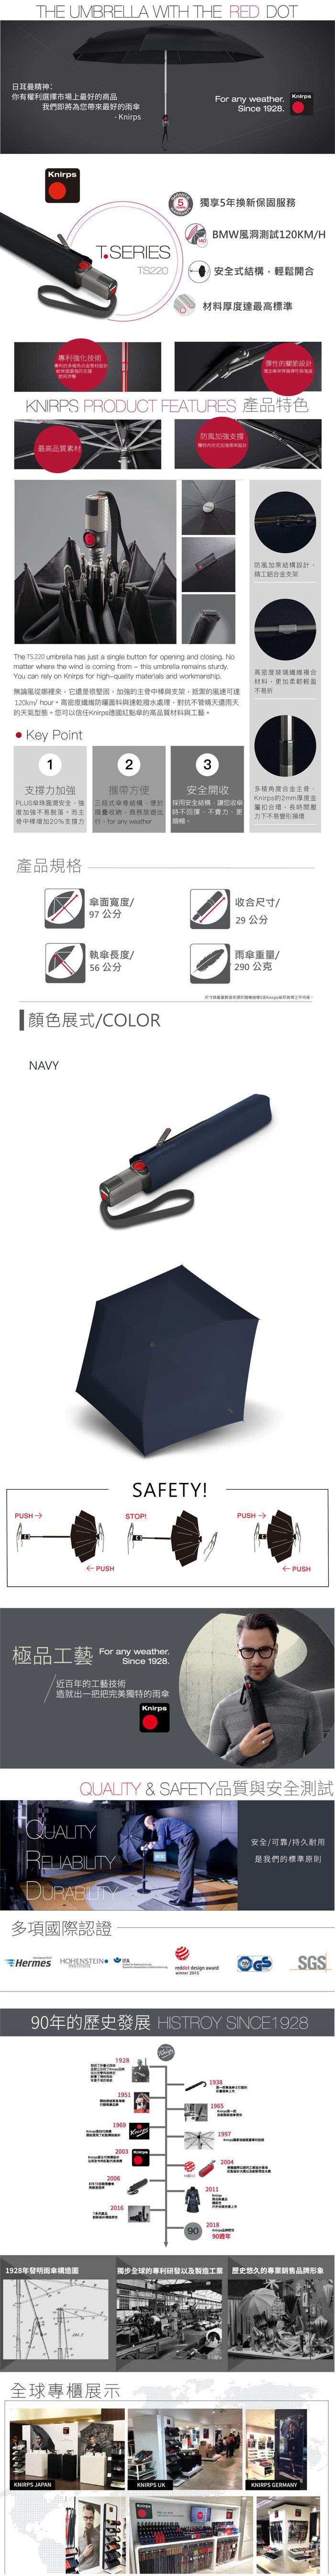 (複製)Knirps®德國紅點傘 TS.220 輕薄安全扁自動開收傘-Red